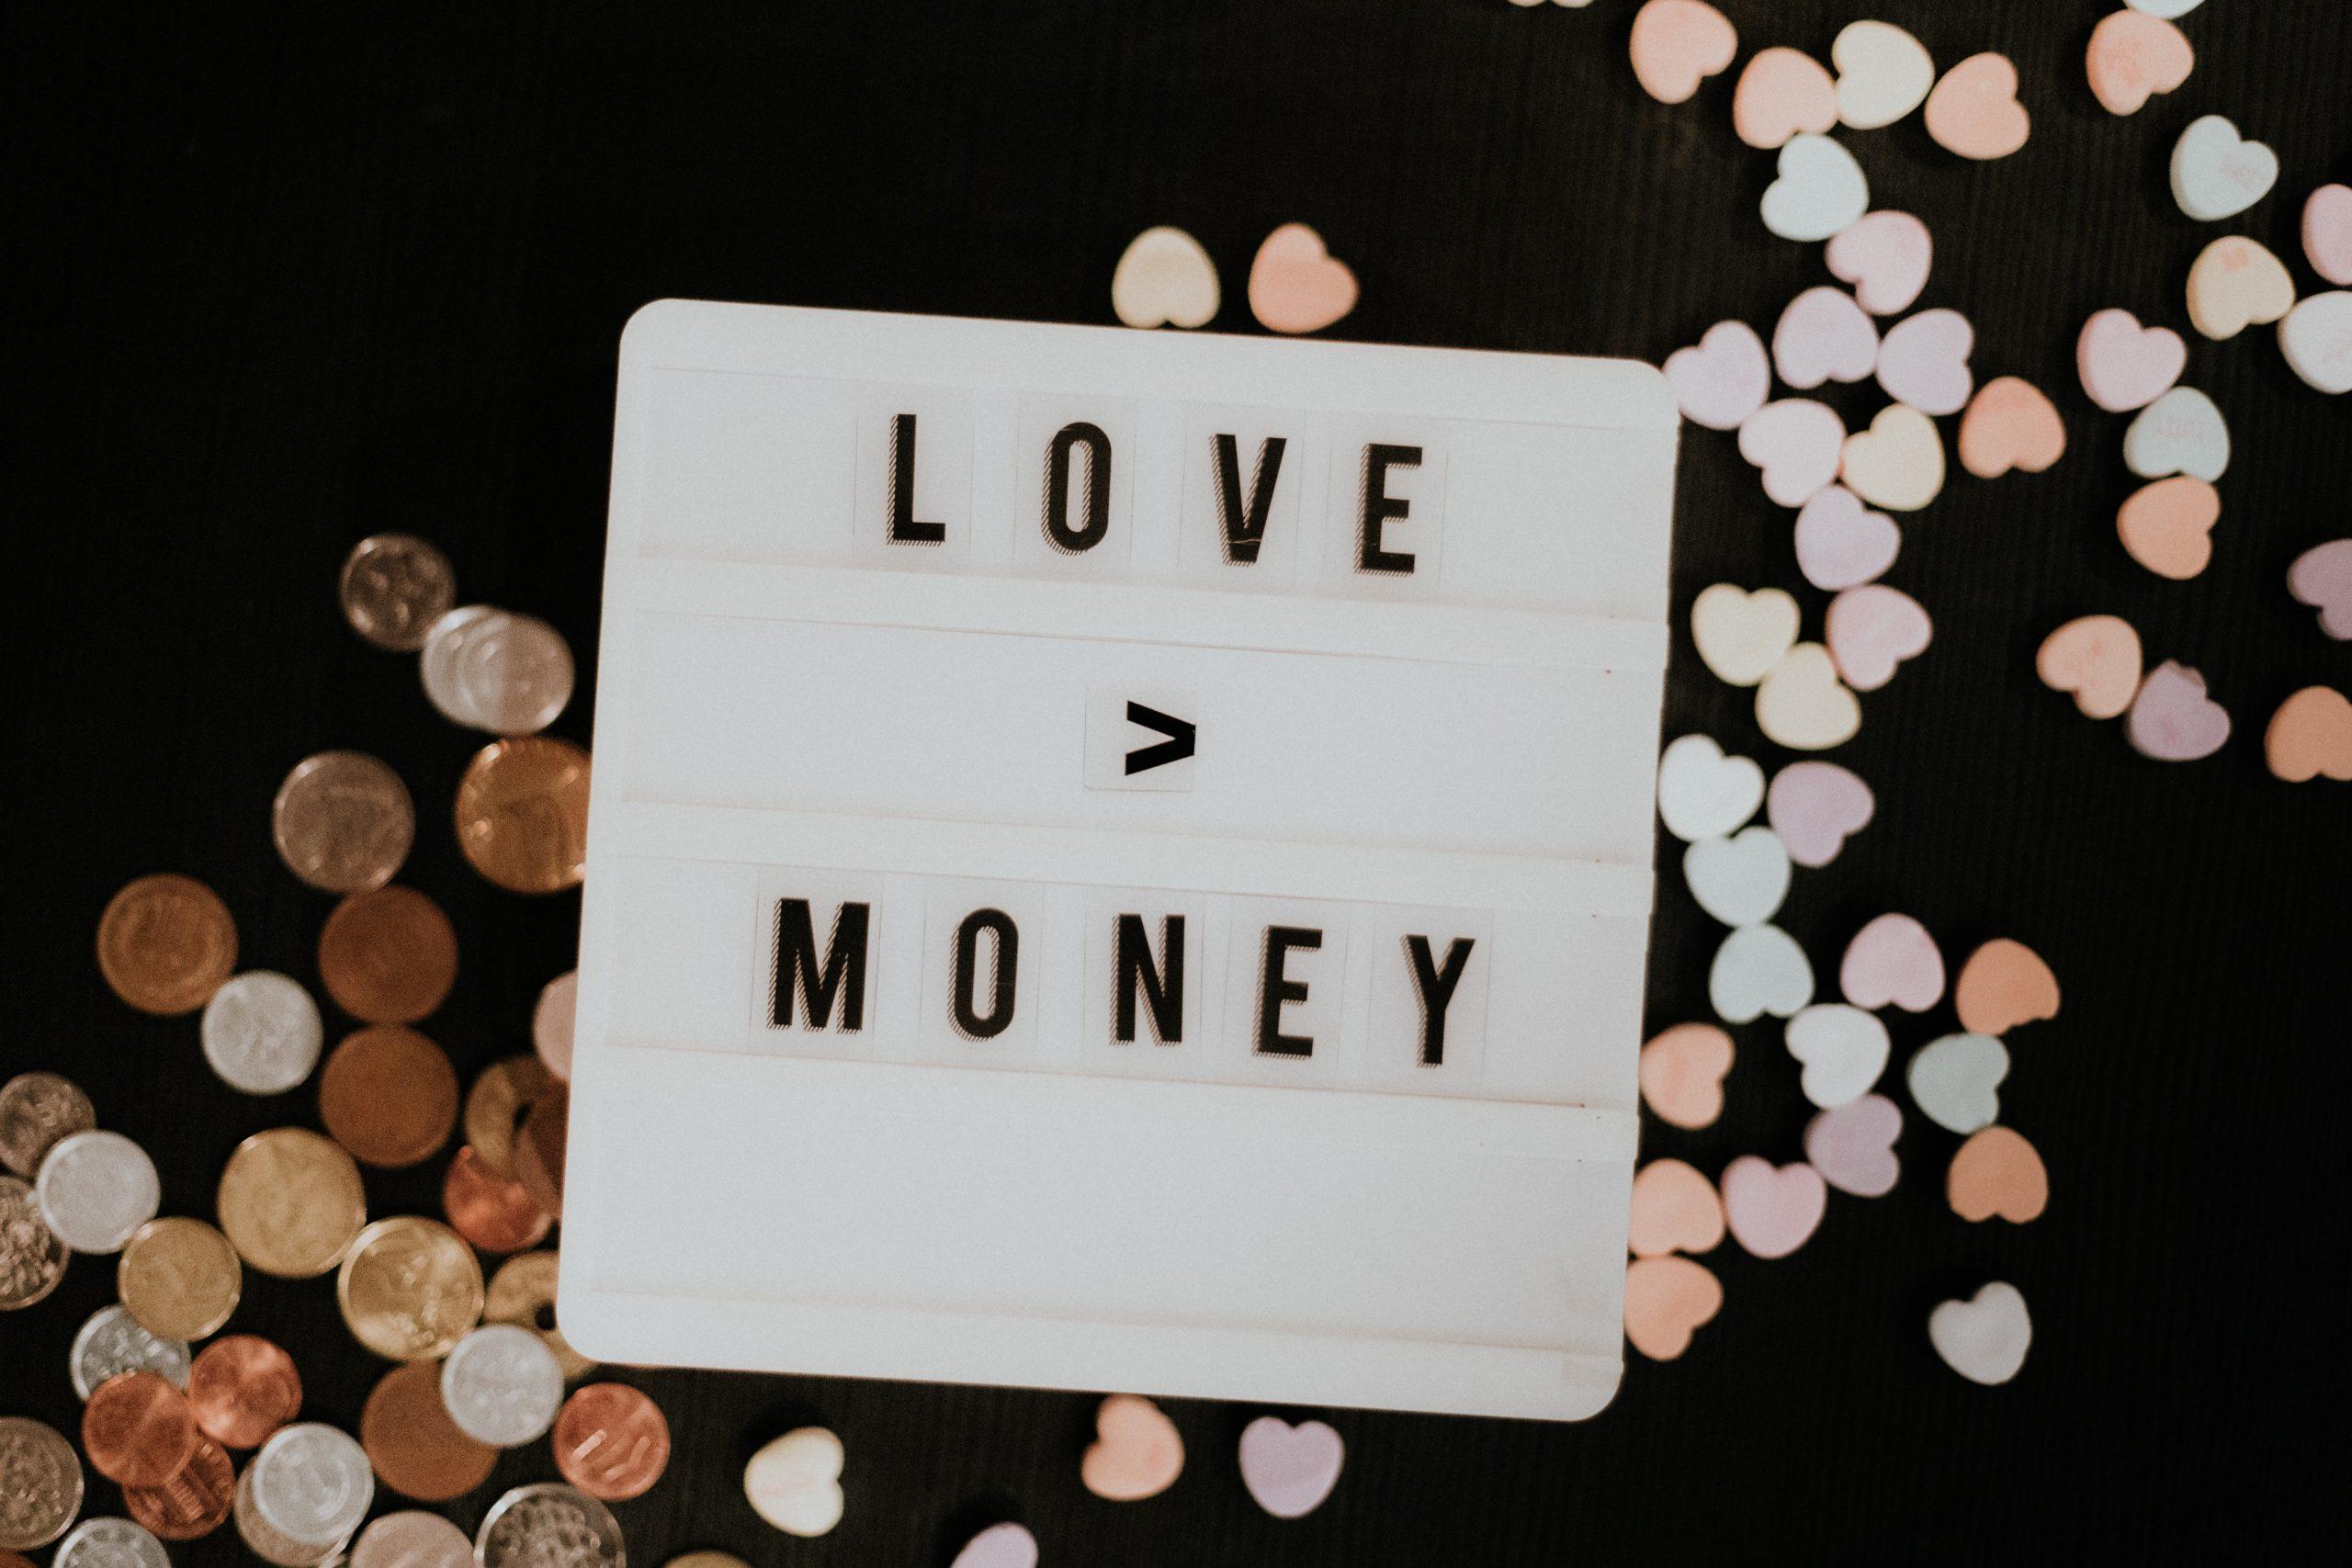 Čo robiť, ak si Váš manžel/manželka zobral úver bez Vášho vedomia?